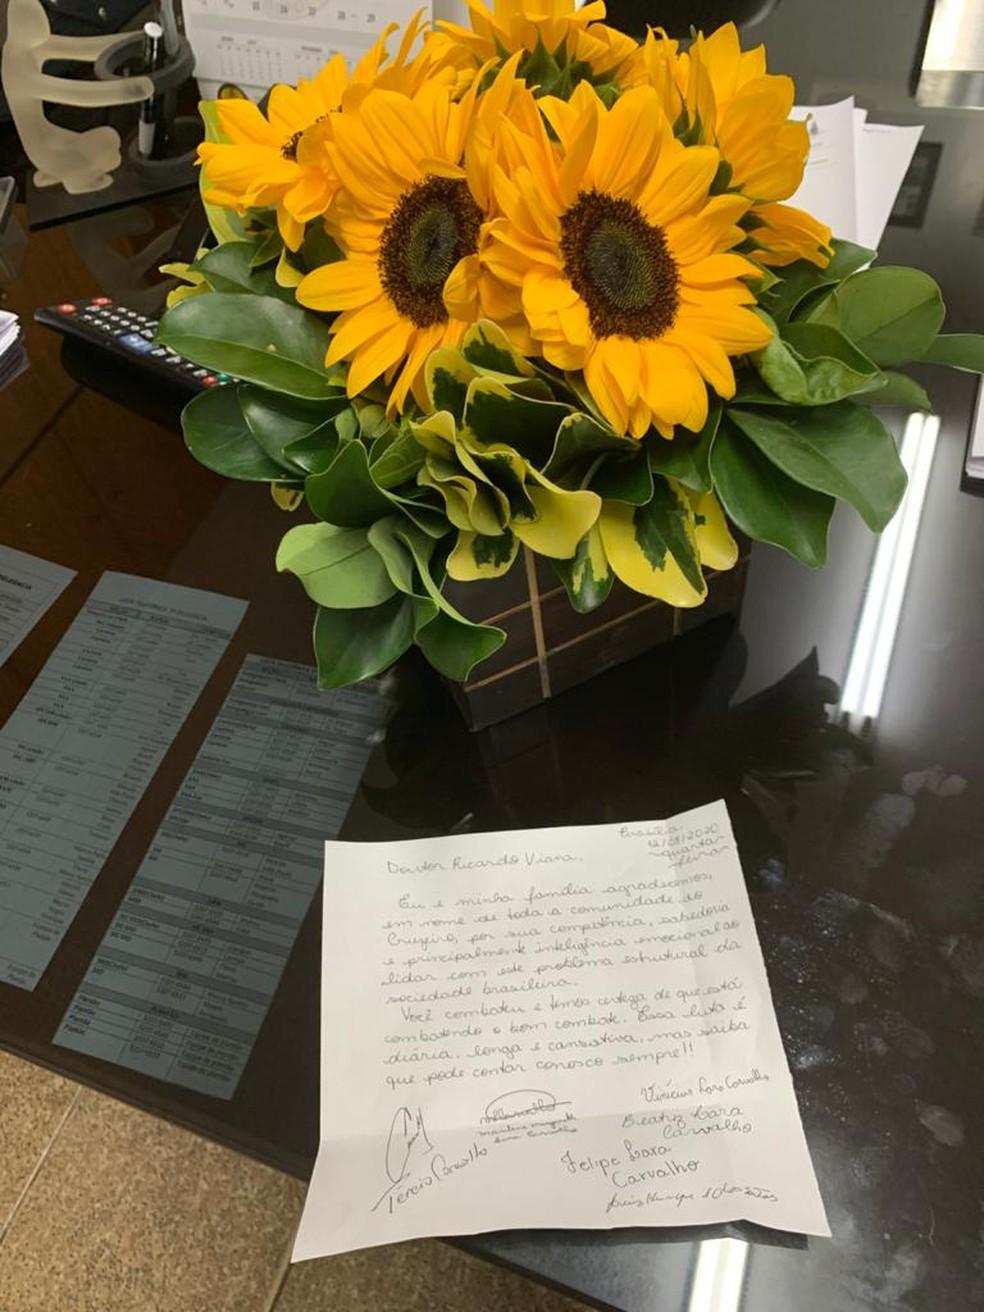 carta e flores recebidas pelo delegado Ricardo Viana após ataques racistas — Foto: Ricardo Viana/Arquivo pessoal